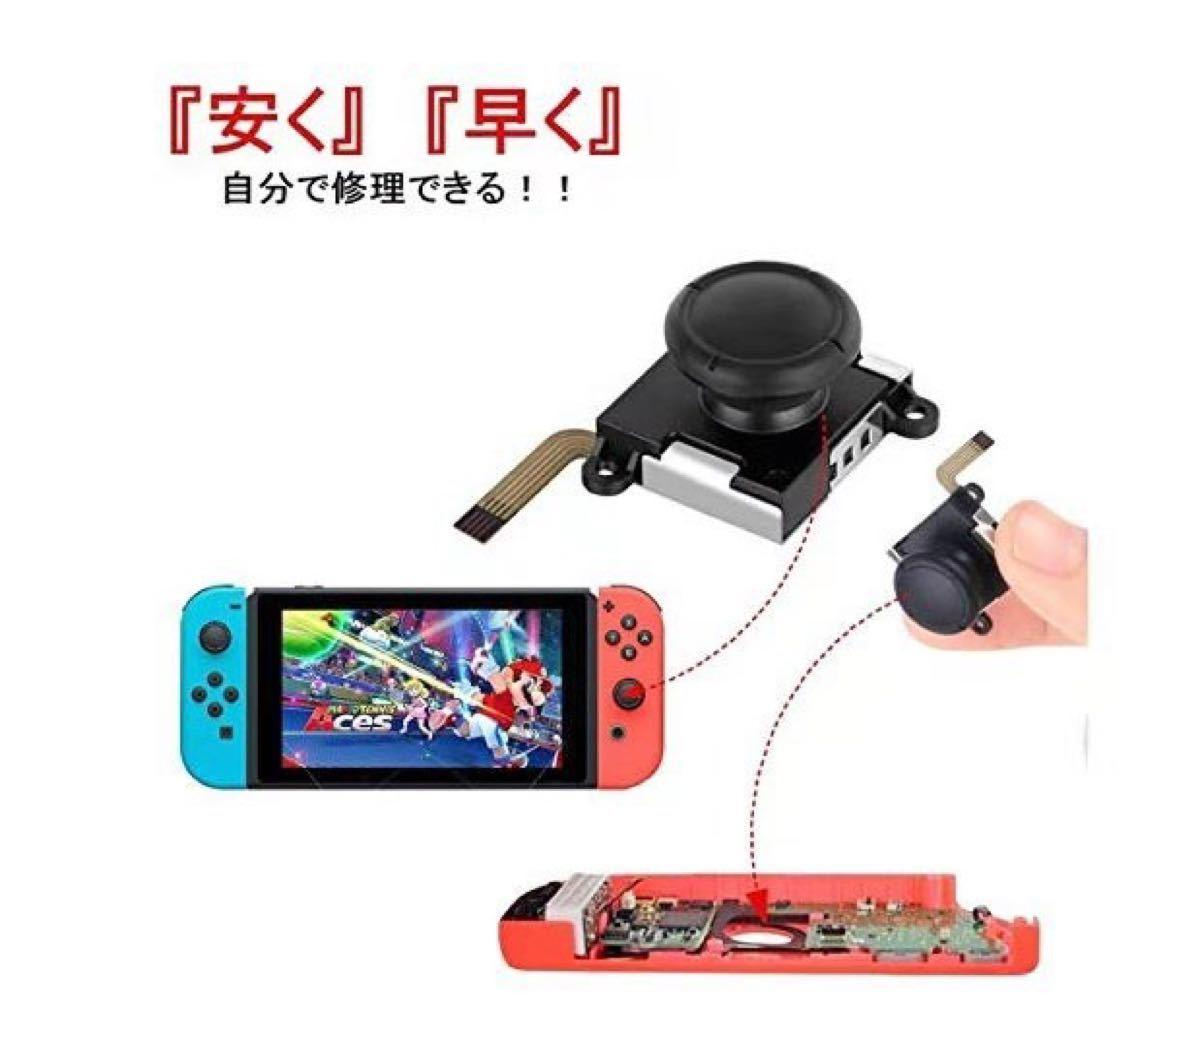 セール ジョイコン修理精密ドライバーセットfor Nintendo Switch